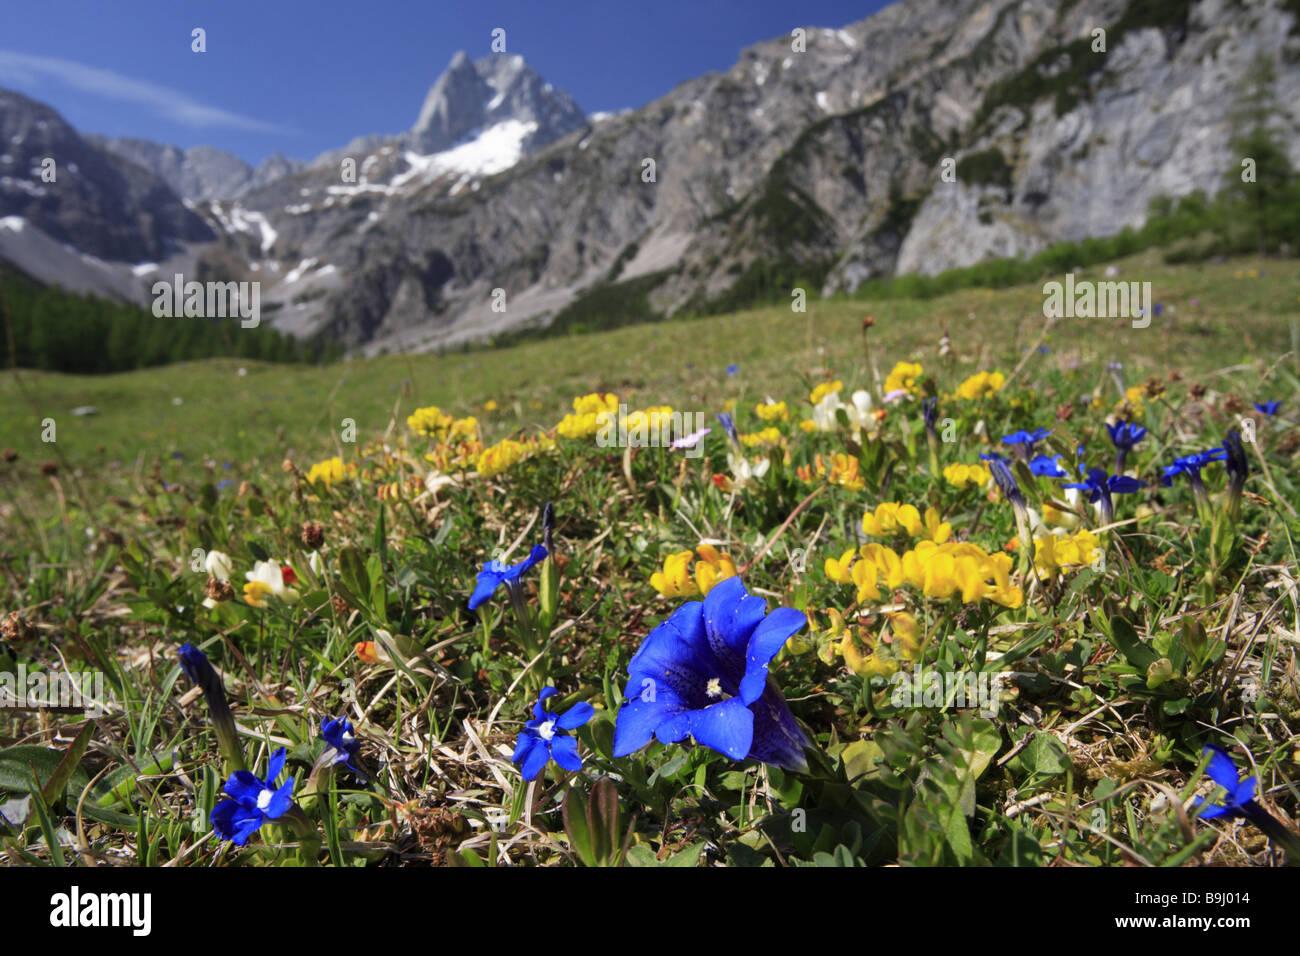 mountainmeadow flowers gentian gentiana clusii alps